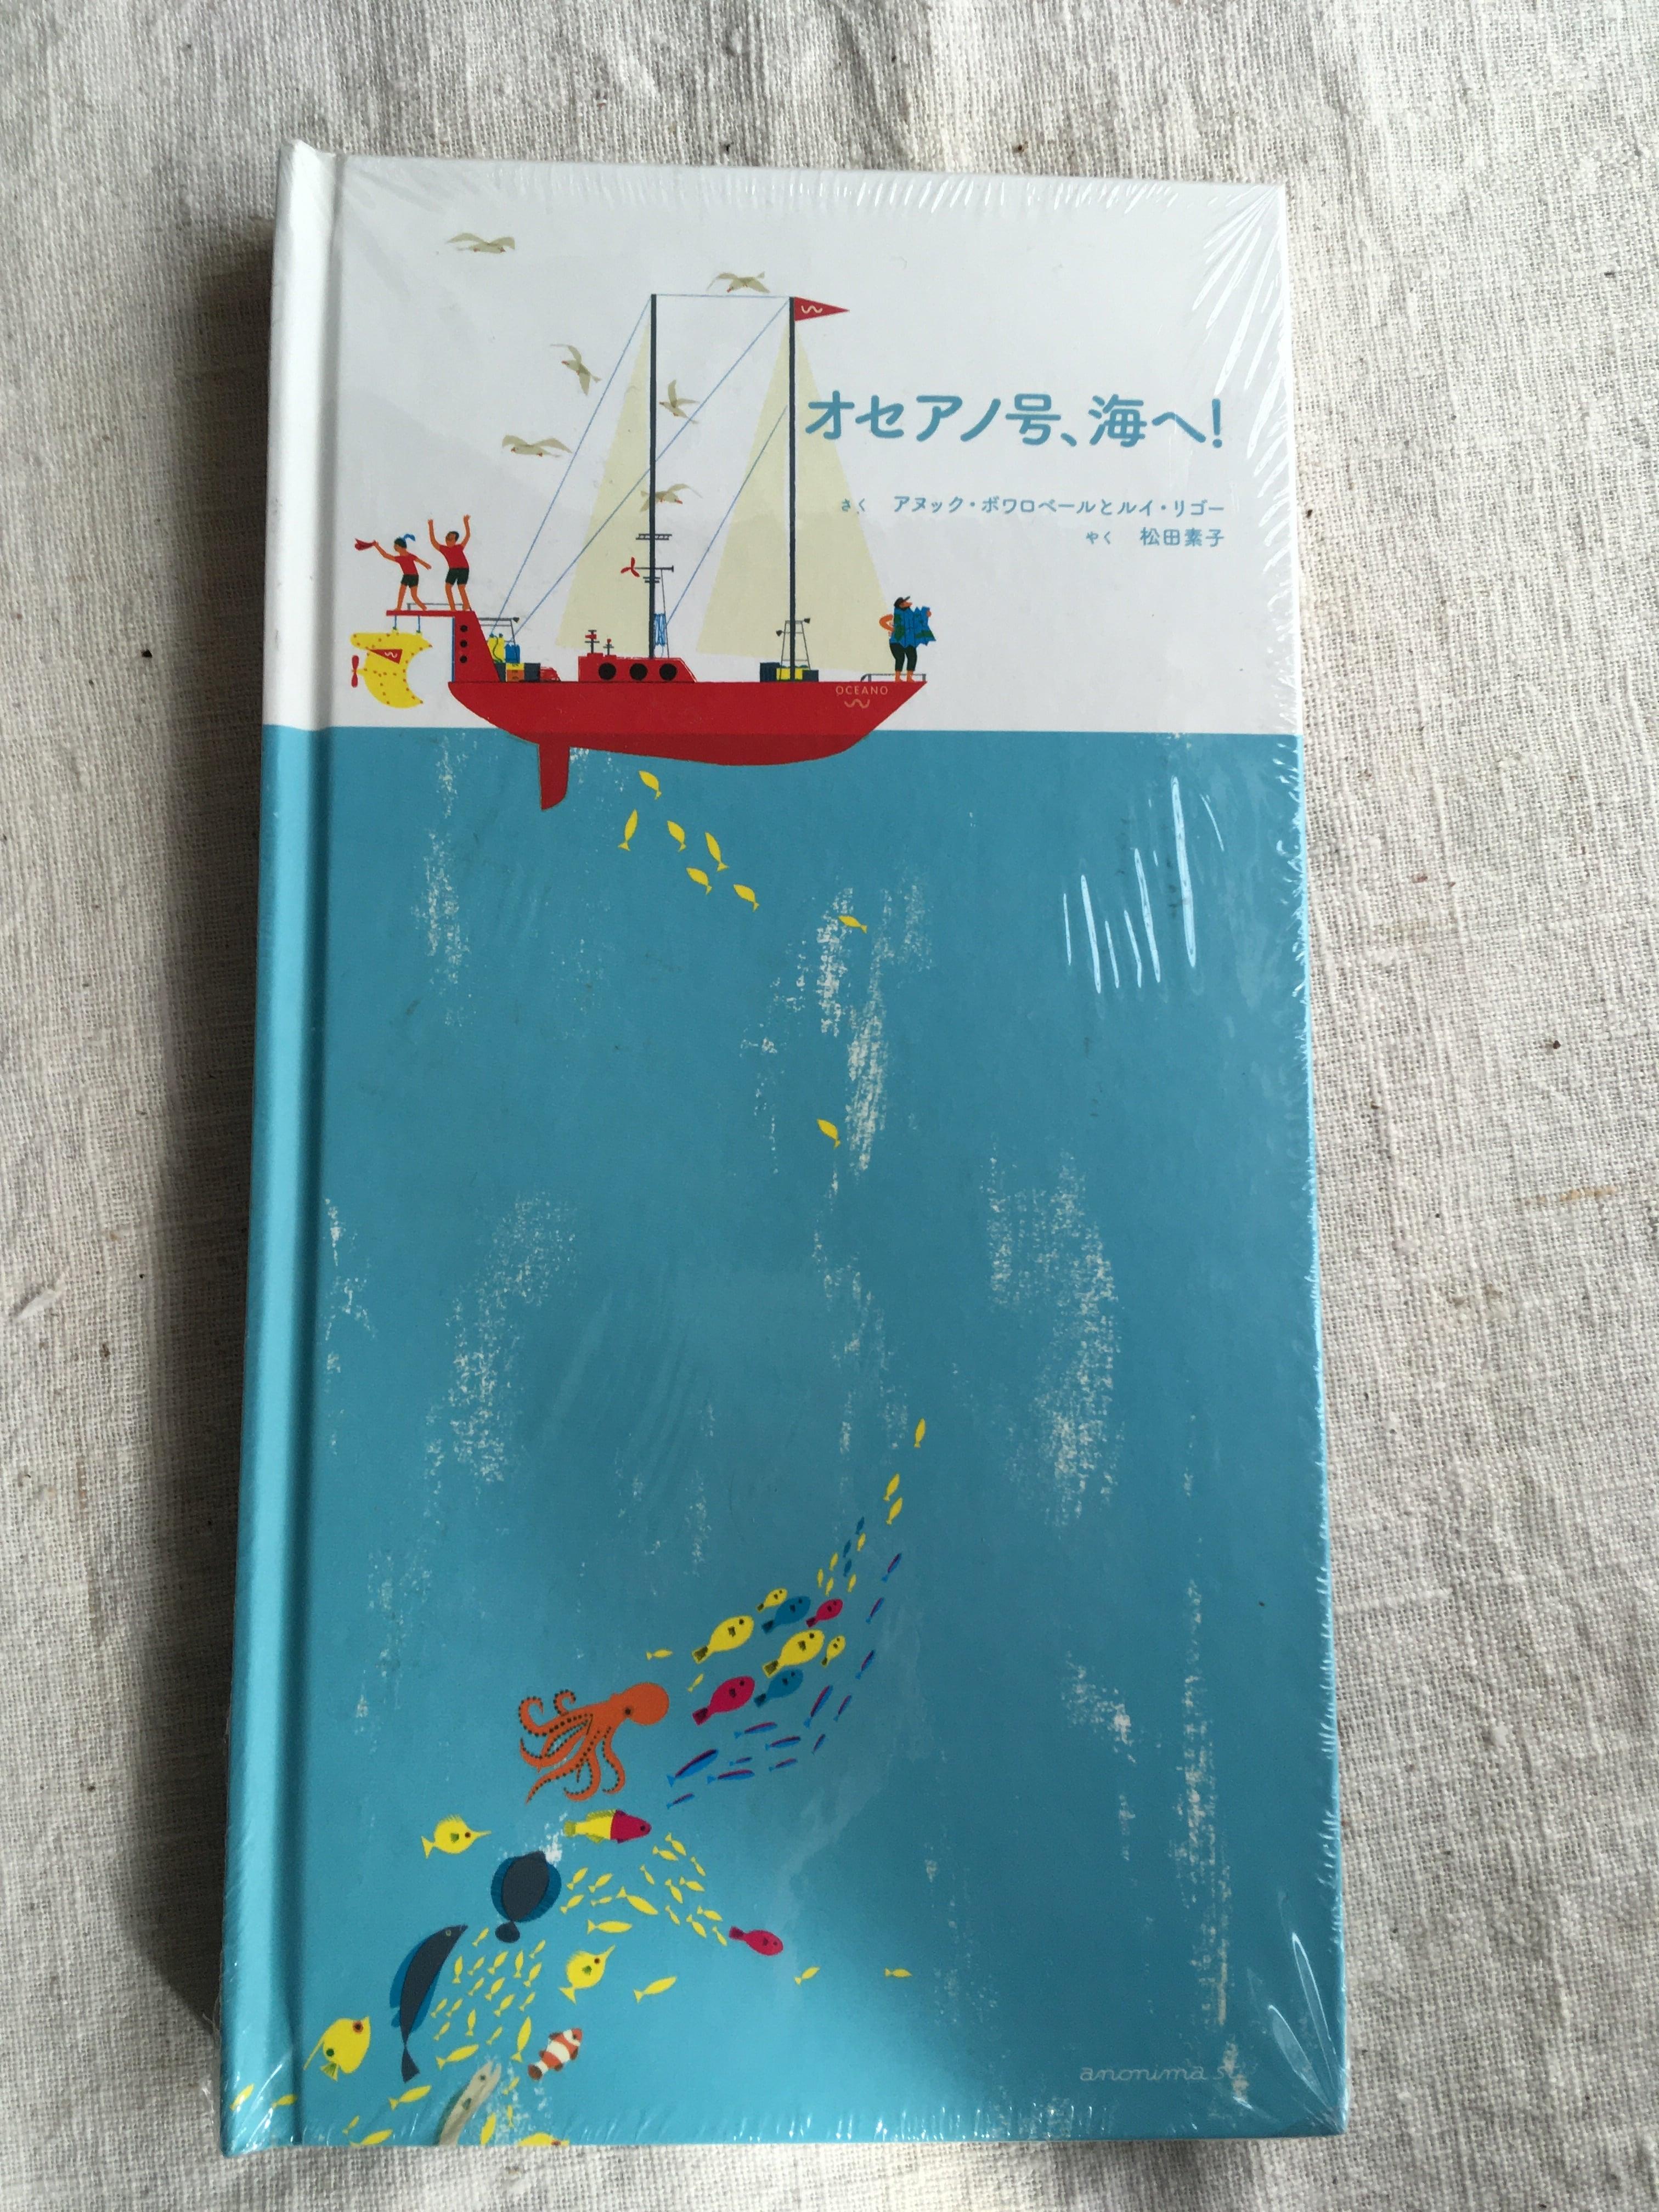 とびだす絵本『オセアノ号、海へ!』 - 画像1